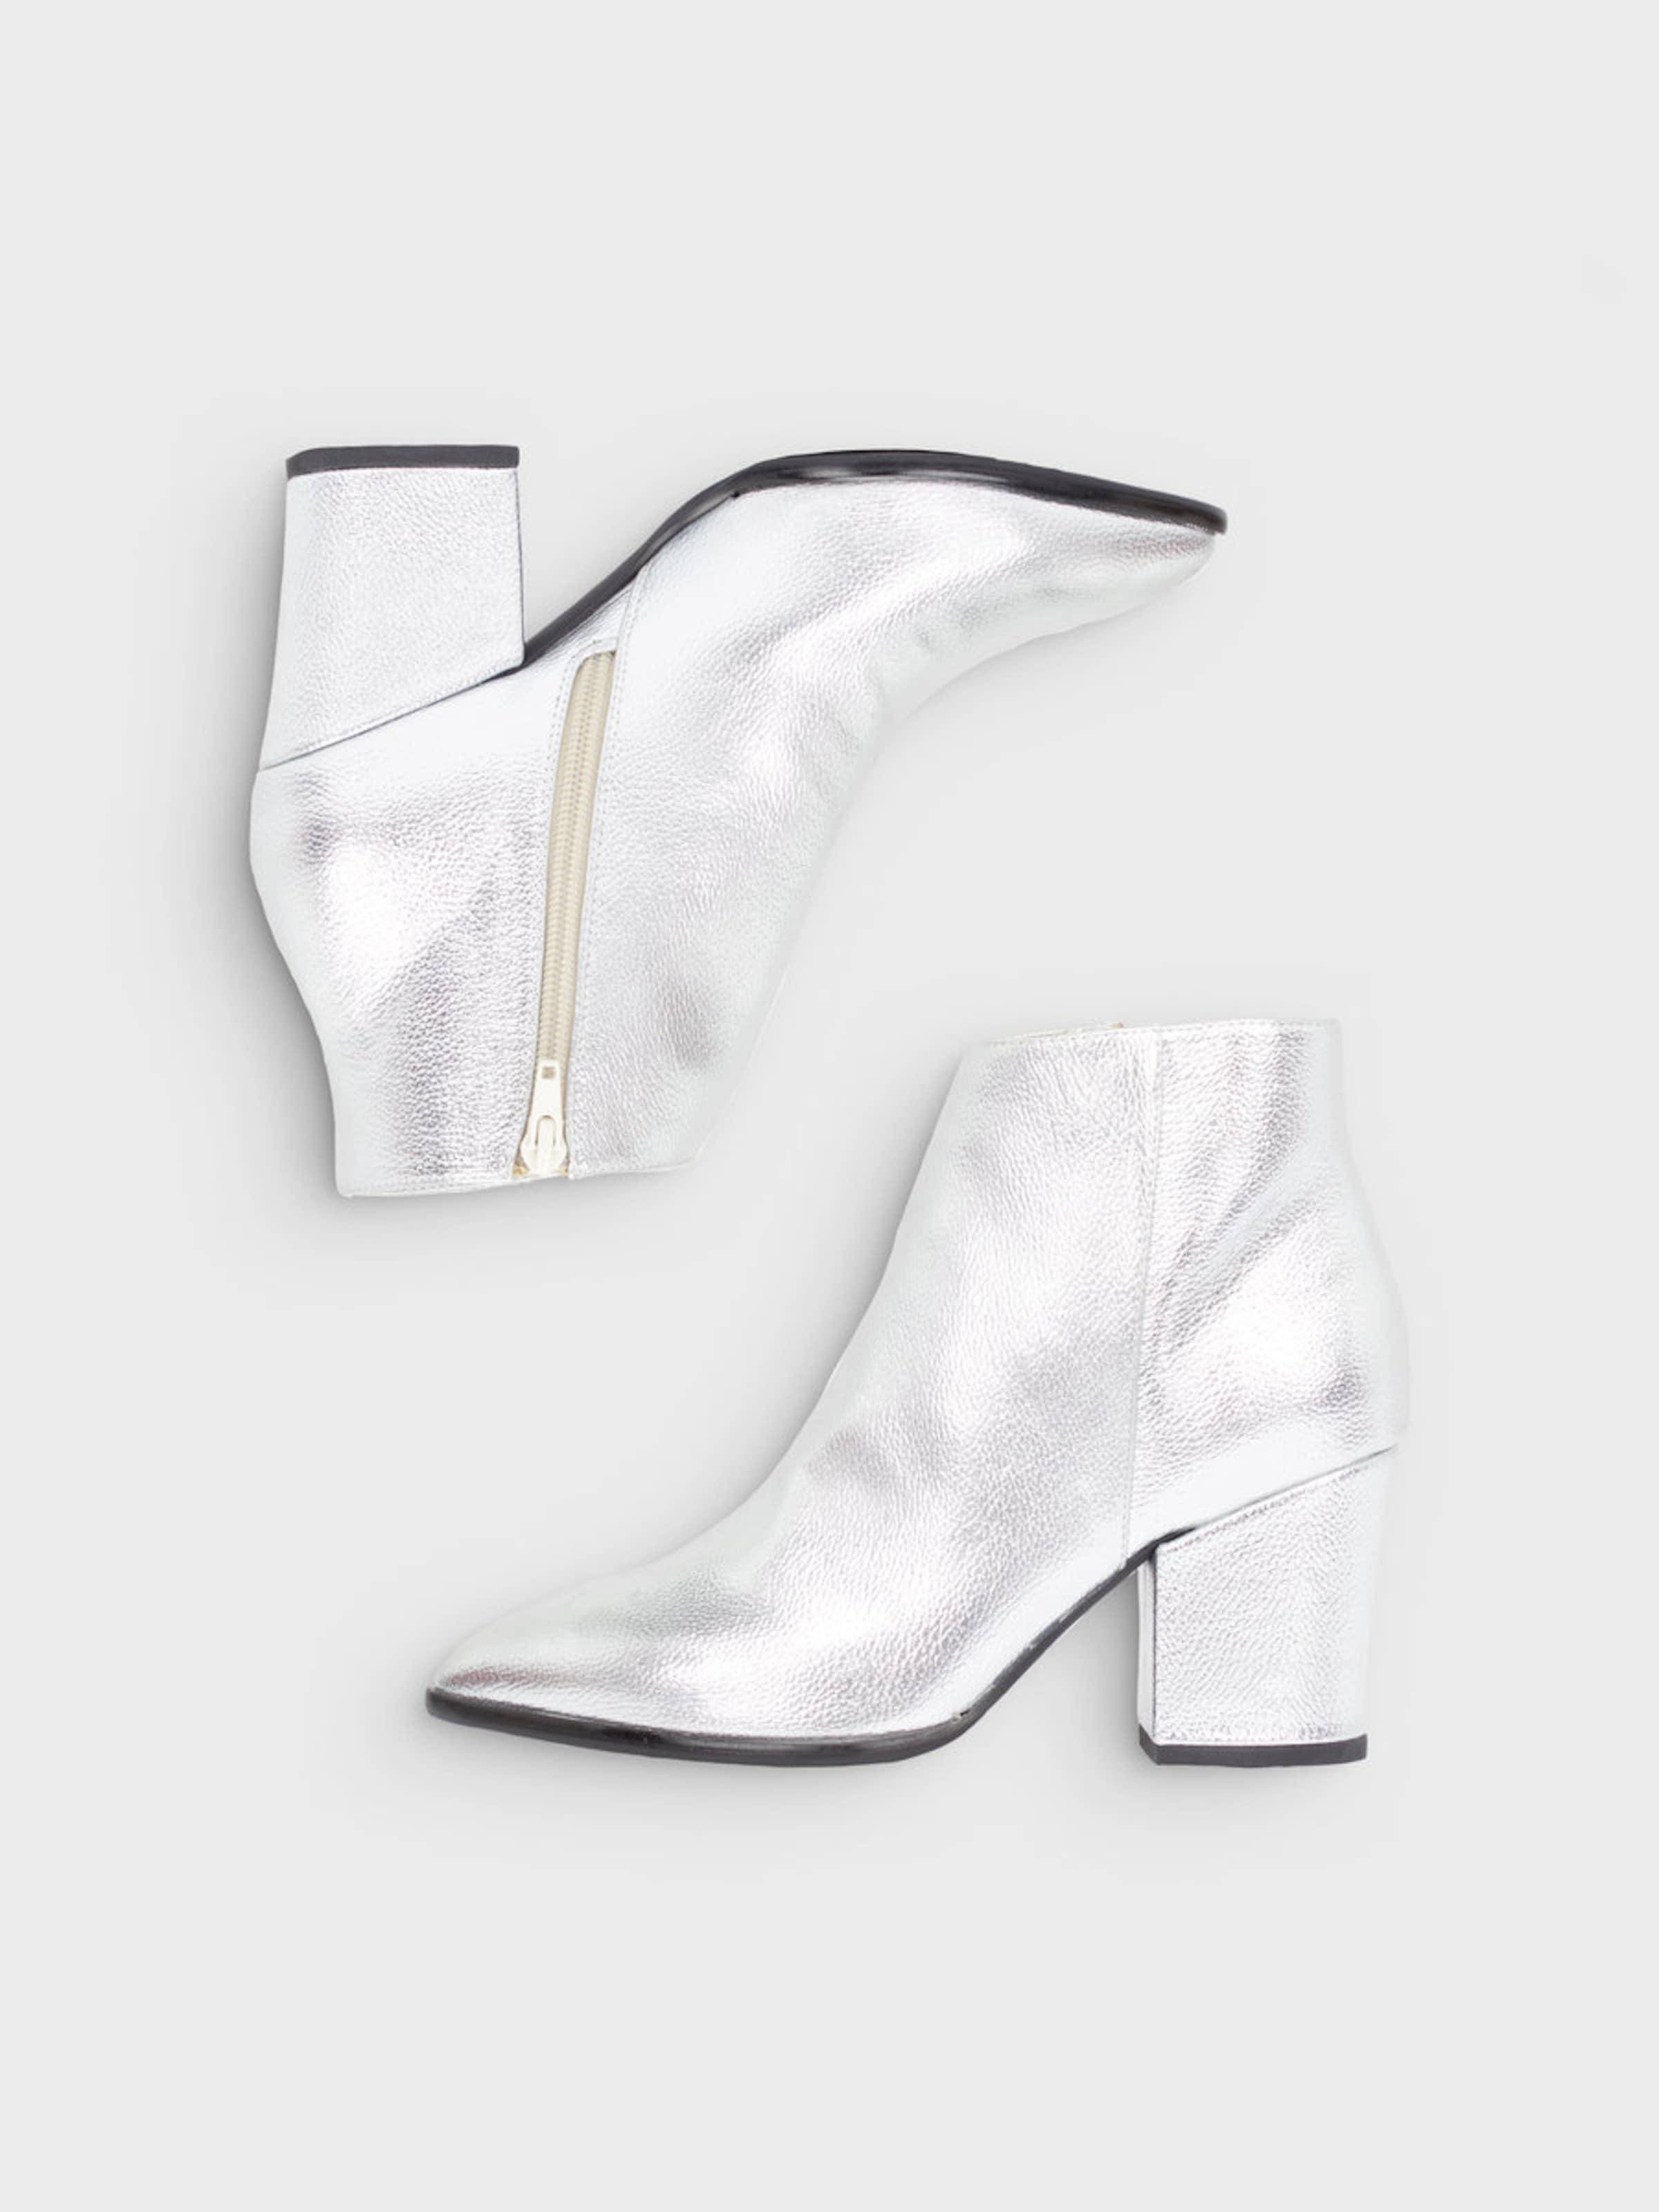 Bianco Klassische Stiefel Webseiten Rabatt Empfehlen Erscheinungsdaten Günstigen Preis Bester Verkauf Günstiger Preis Store 2lMZkmyd